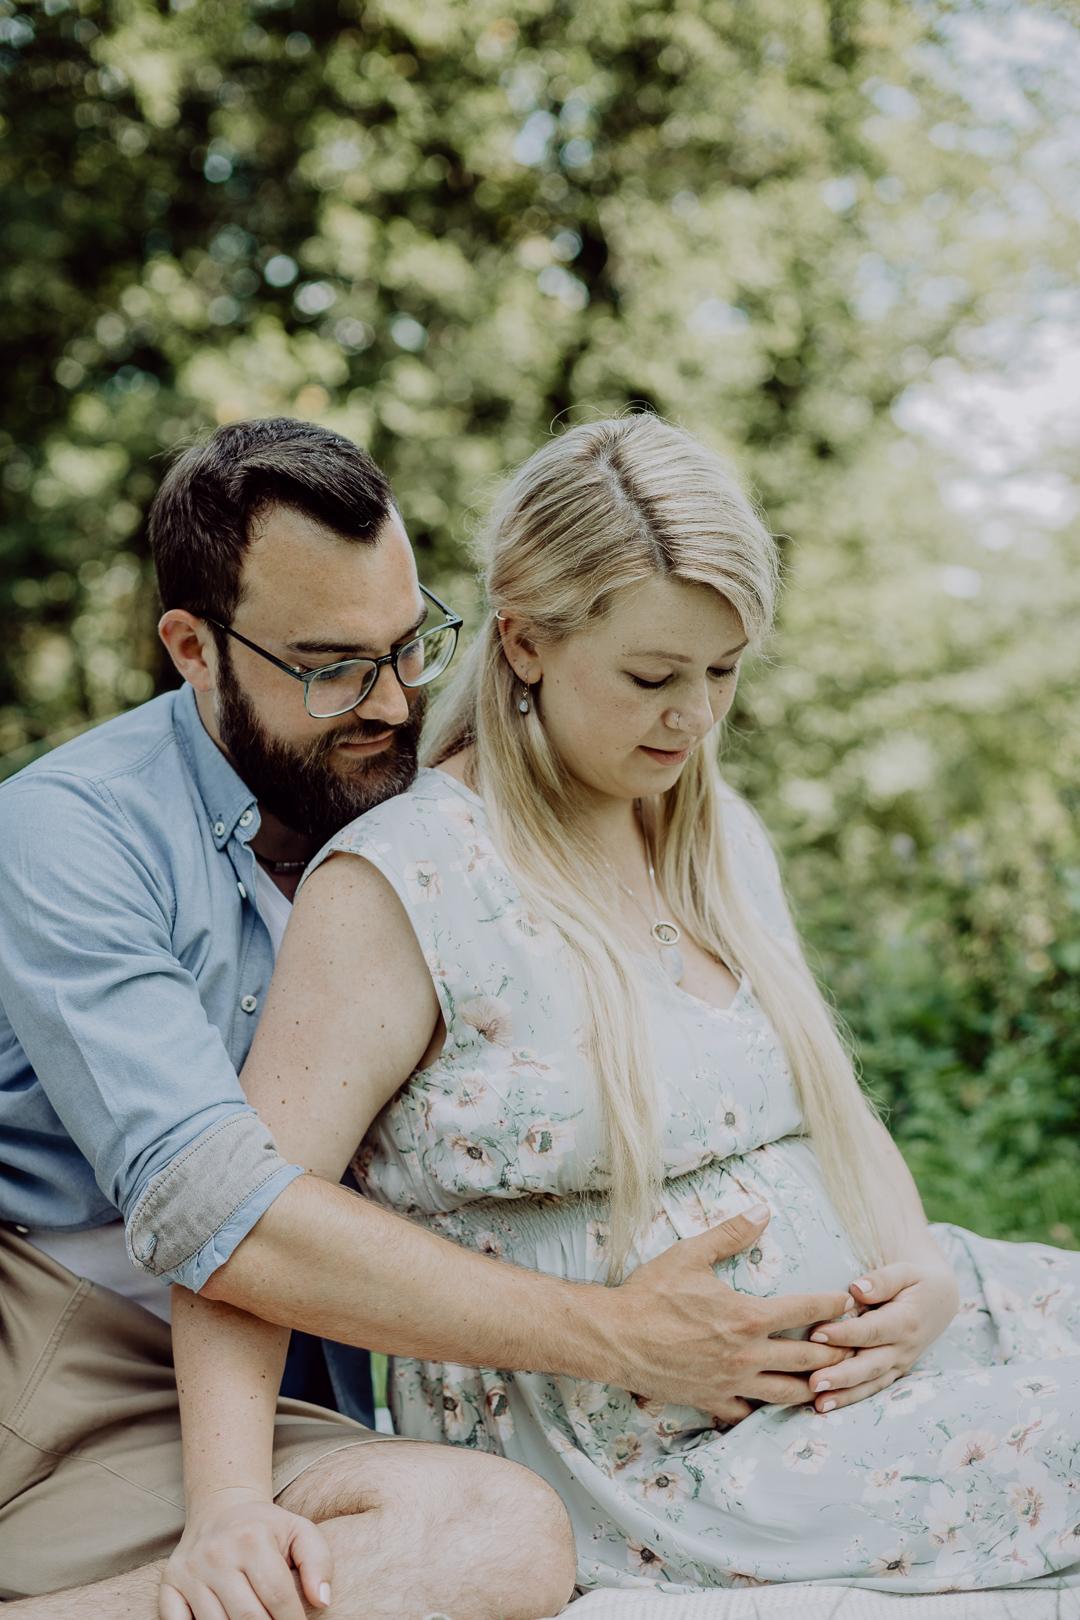 Lisa&Jonny–Fotoreihe-sRGB-72dpi-90pz-_70A3401